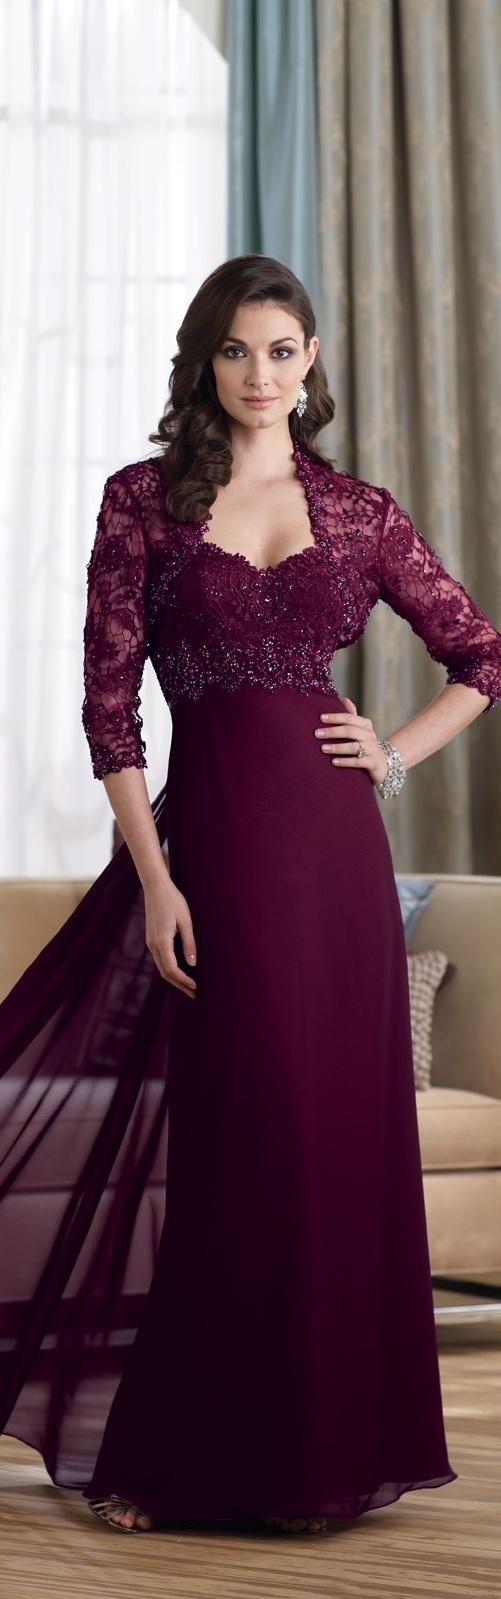 Love this Pop Lace Dress   Haute Couture   Fashion   Pinterest